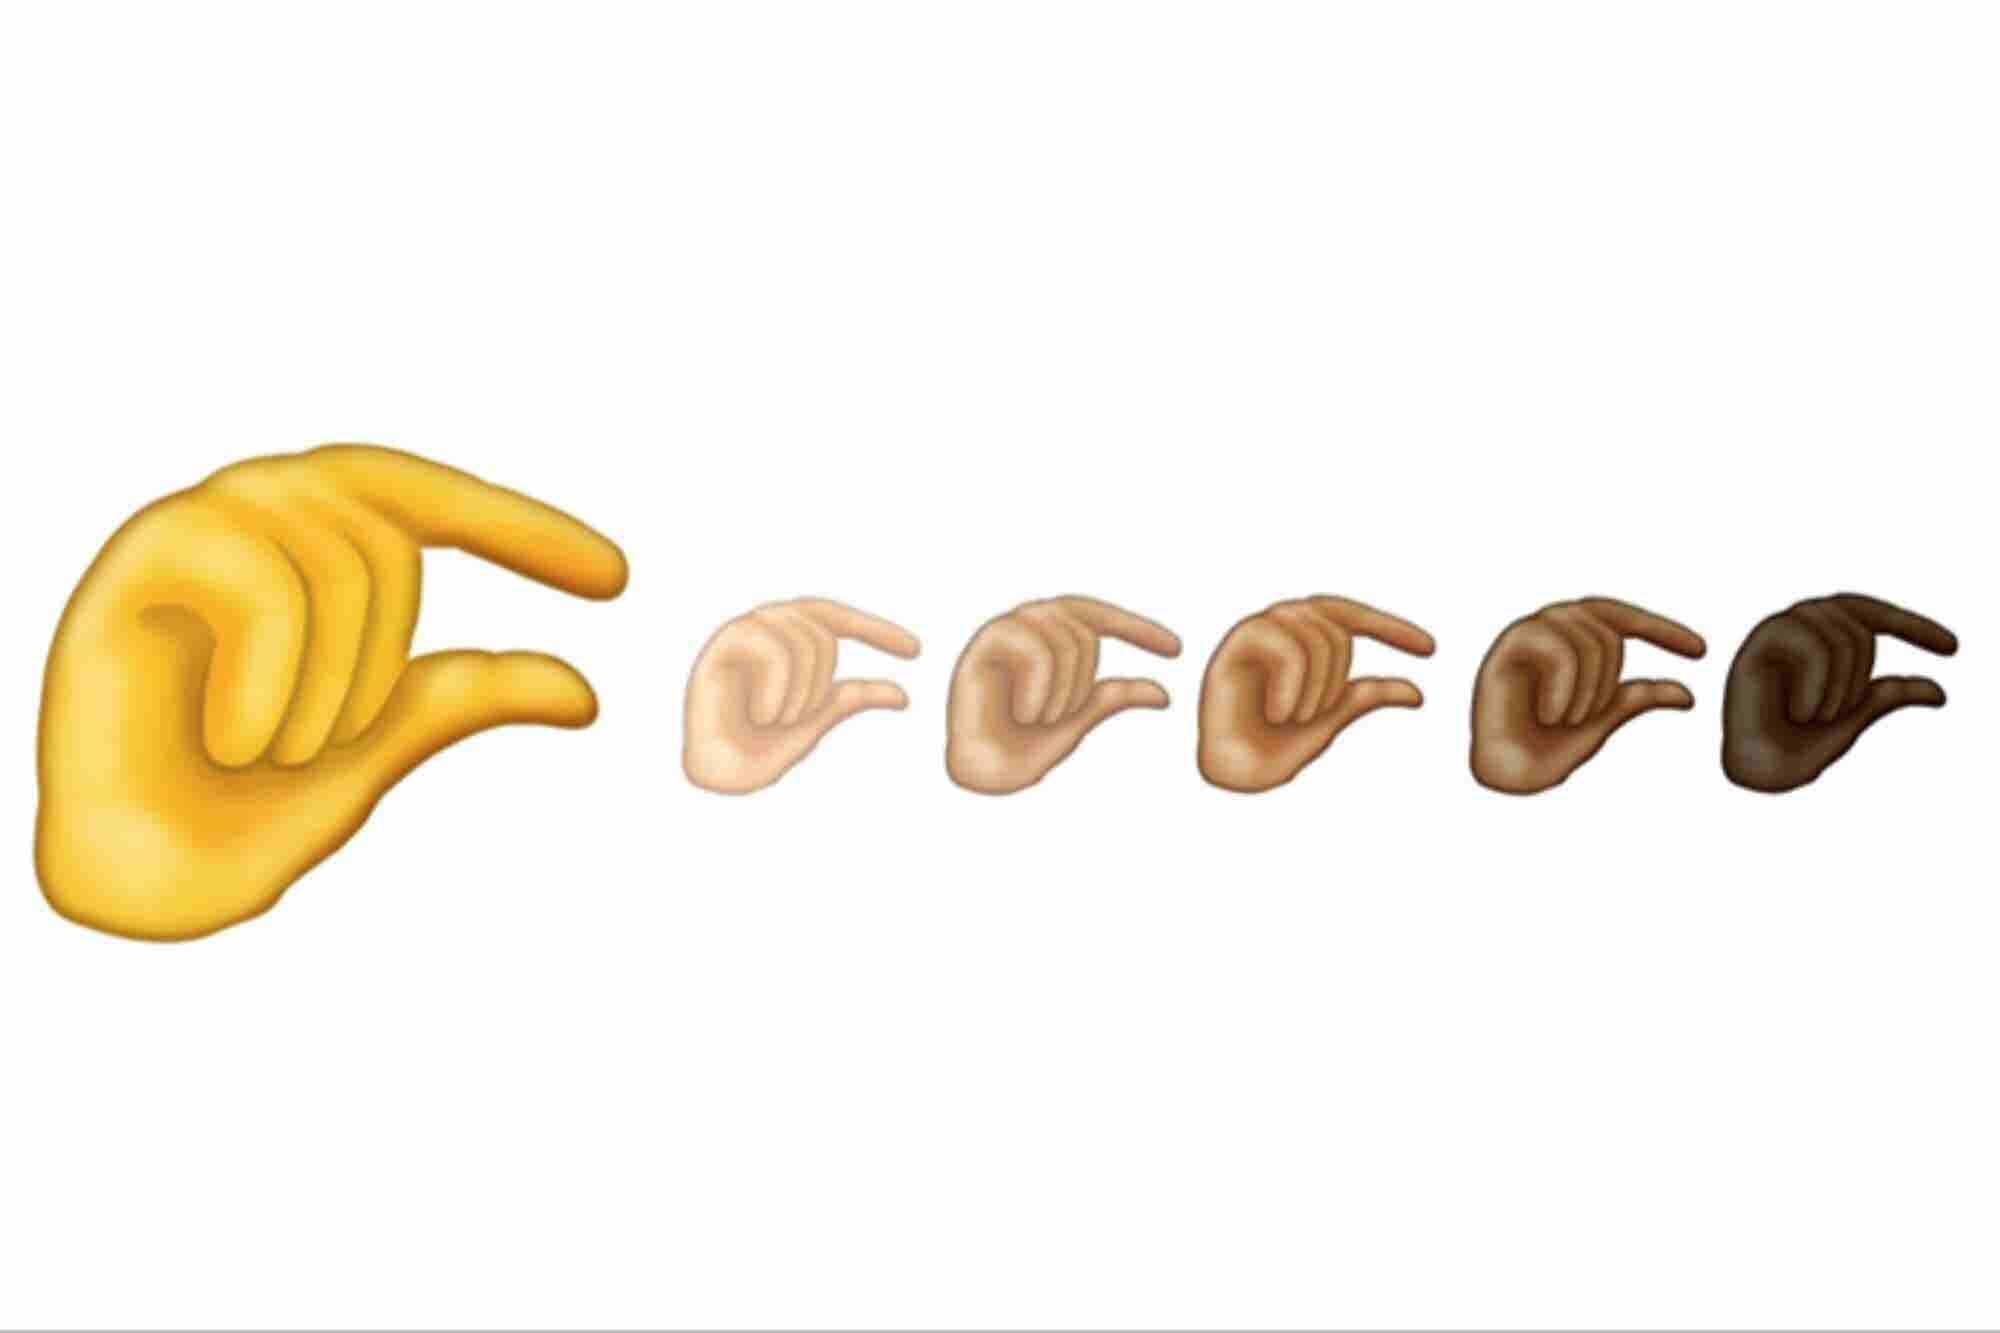 La Emojipedia saca 230 nuevos emojis y el 'pinching hand' es el más comentado en redes